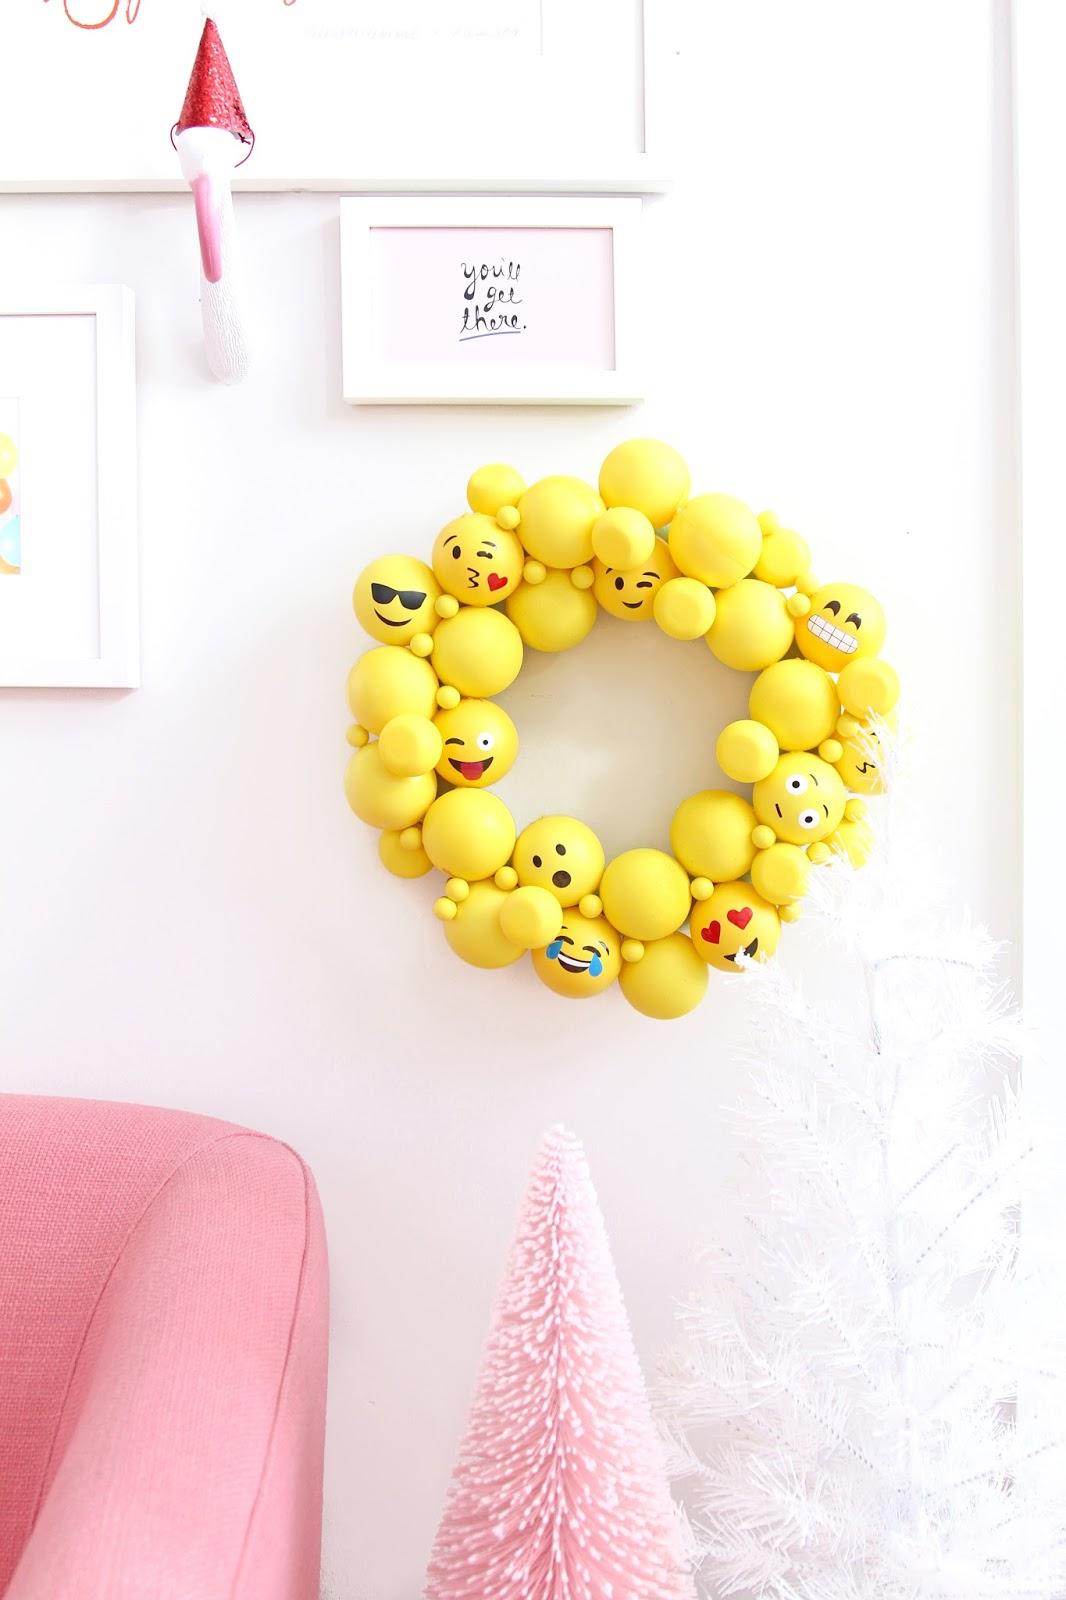 Humour en décoration - Le truc girly ultra kitsch qui fait rire